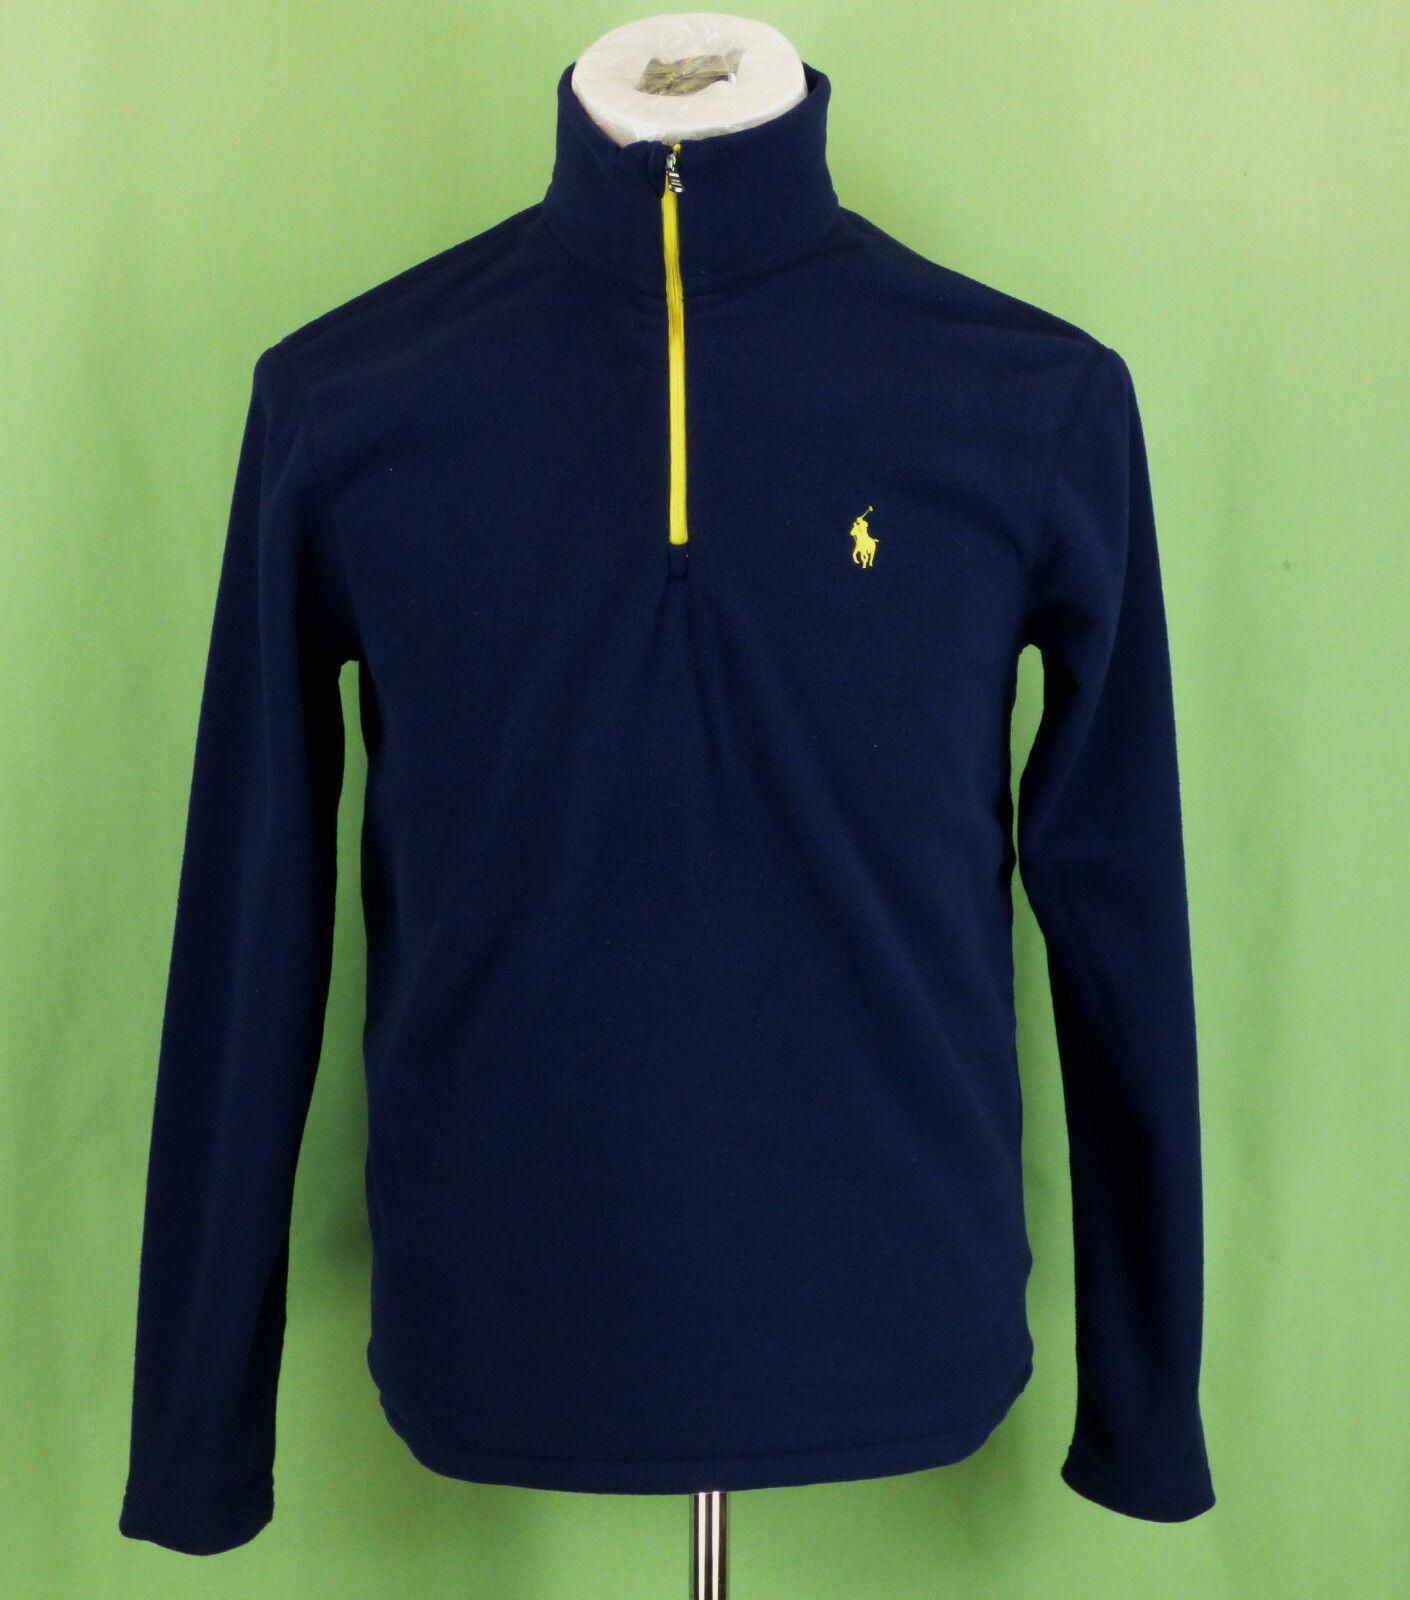 274 NWT Ralph Lauren men Fleece Navy top sweatshirt NEW Größe S